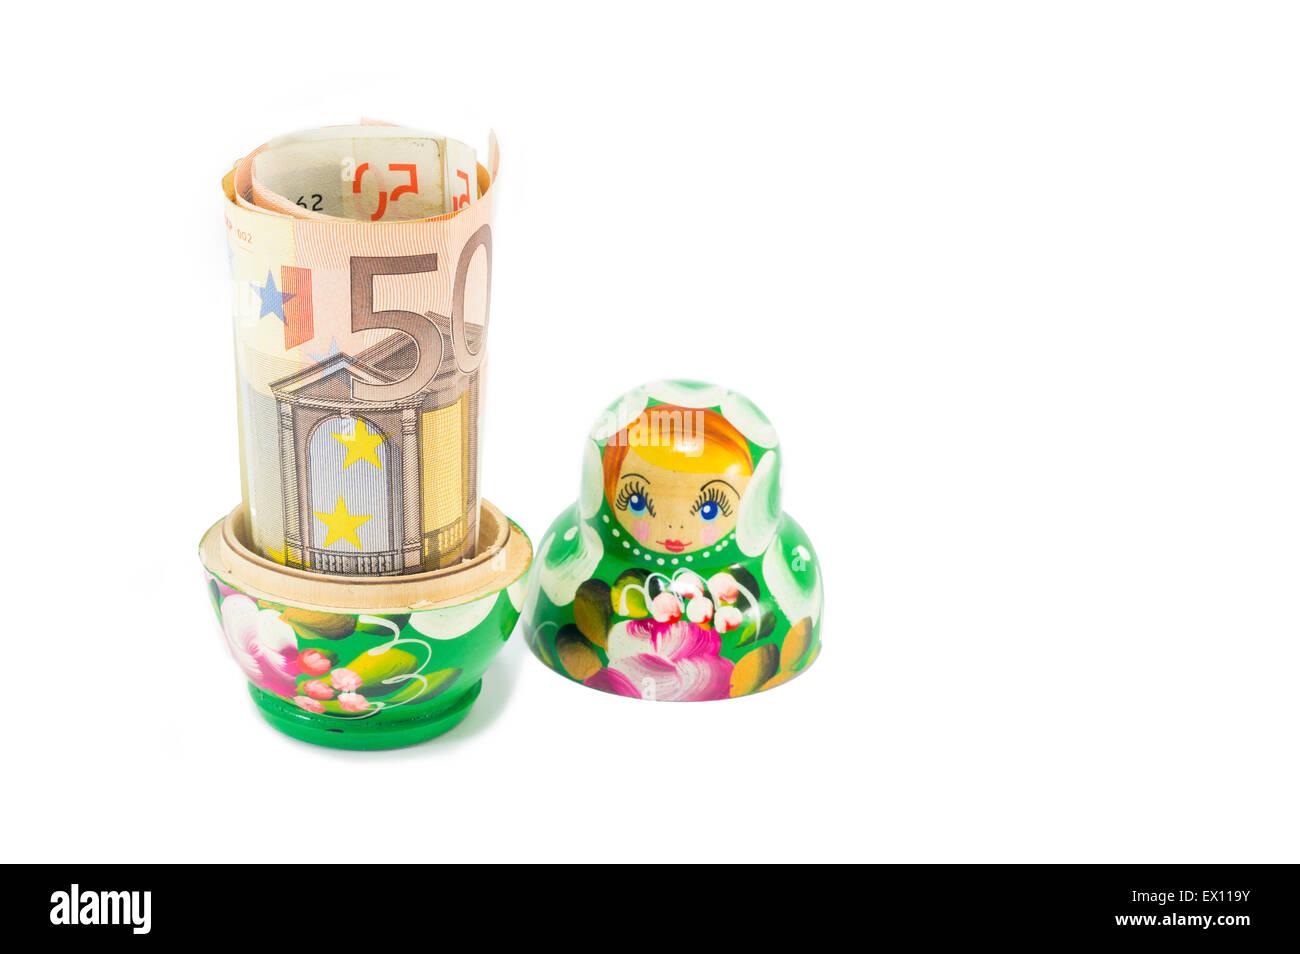 Russian Babushka Doll With 50 Euro Bill Isolated Stock Photo